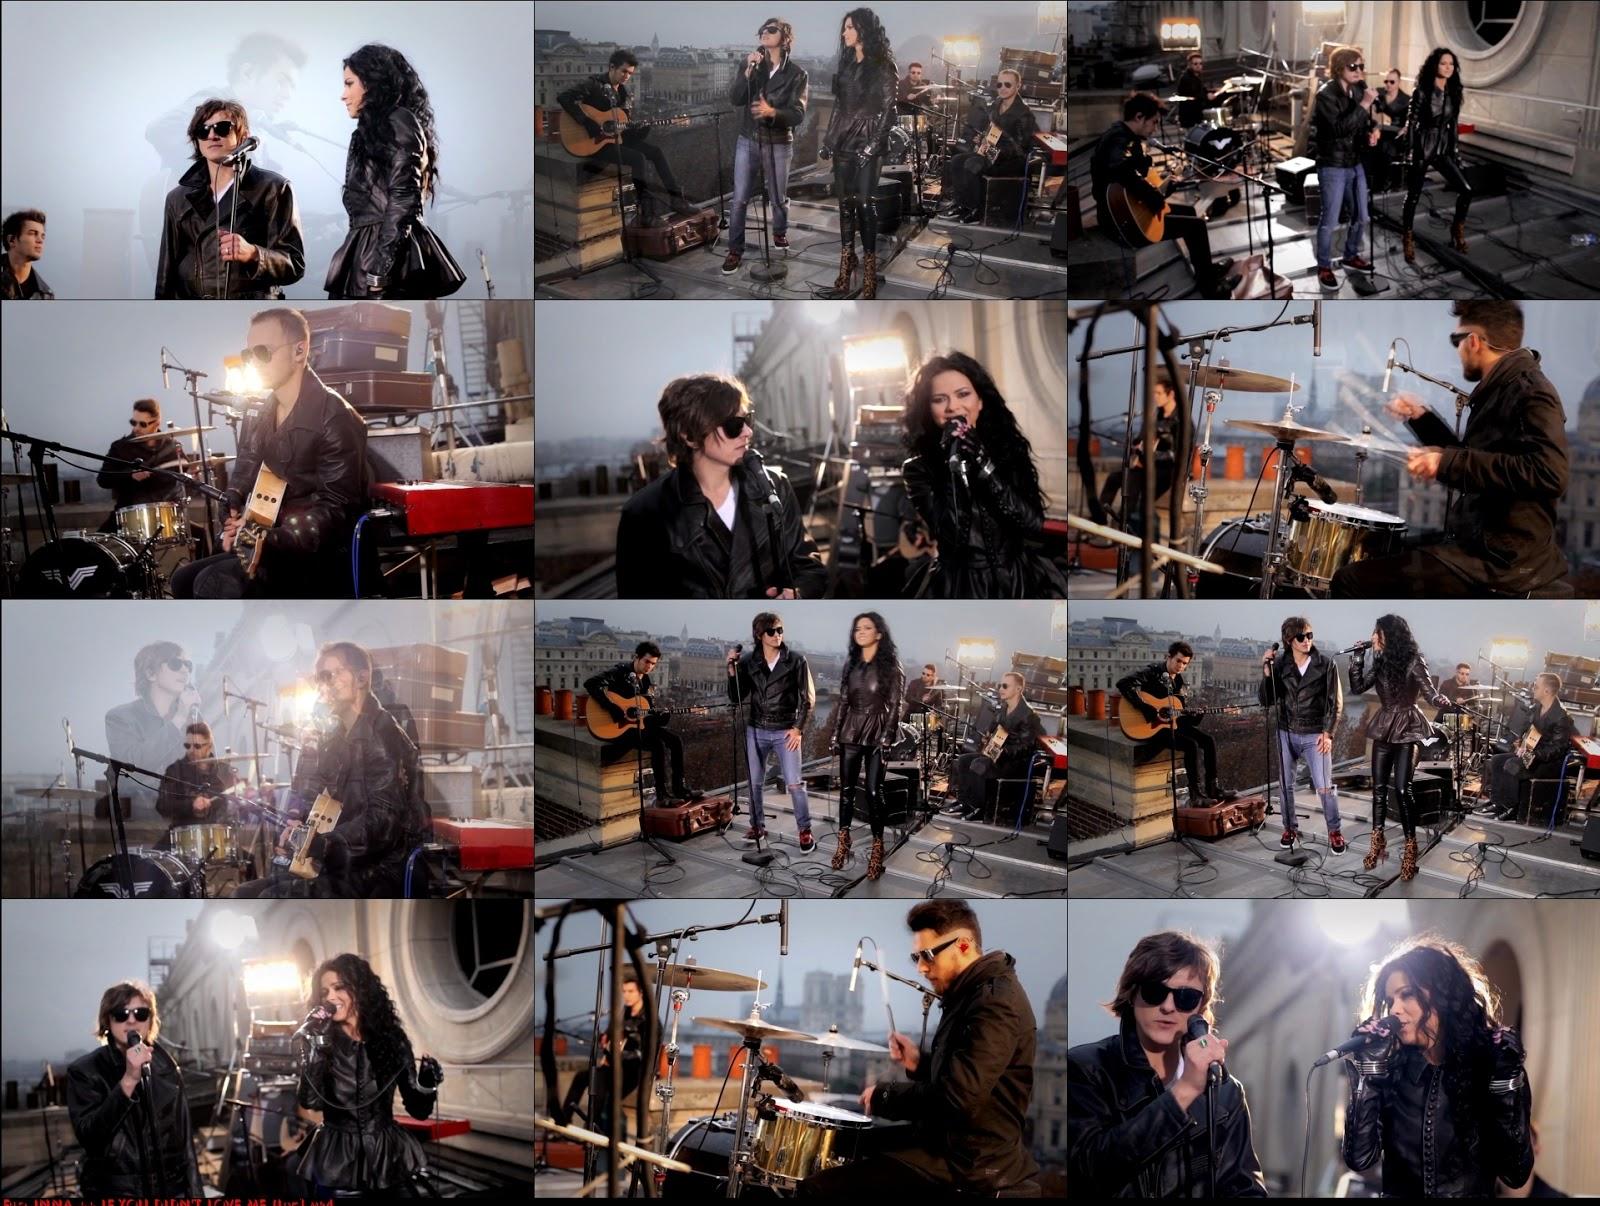 http://3.bp.blogspot.com/-RxASgRVdKi4/TvNjIfkd1II/AAAAAAAAAdQ/heGUljb5r0o/s1600/INNA+-+If+You+Didn%2527t+Love+Me+%2528Live%2529+2011+HD+1080p+Music+Video+2.jpg